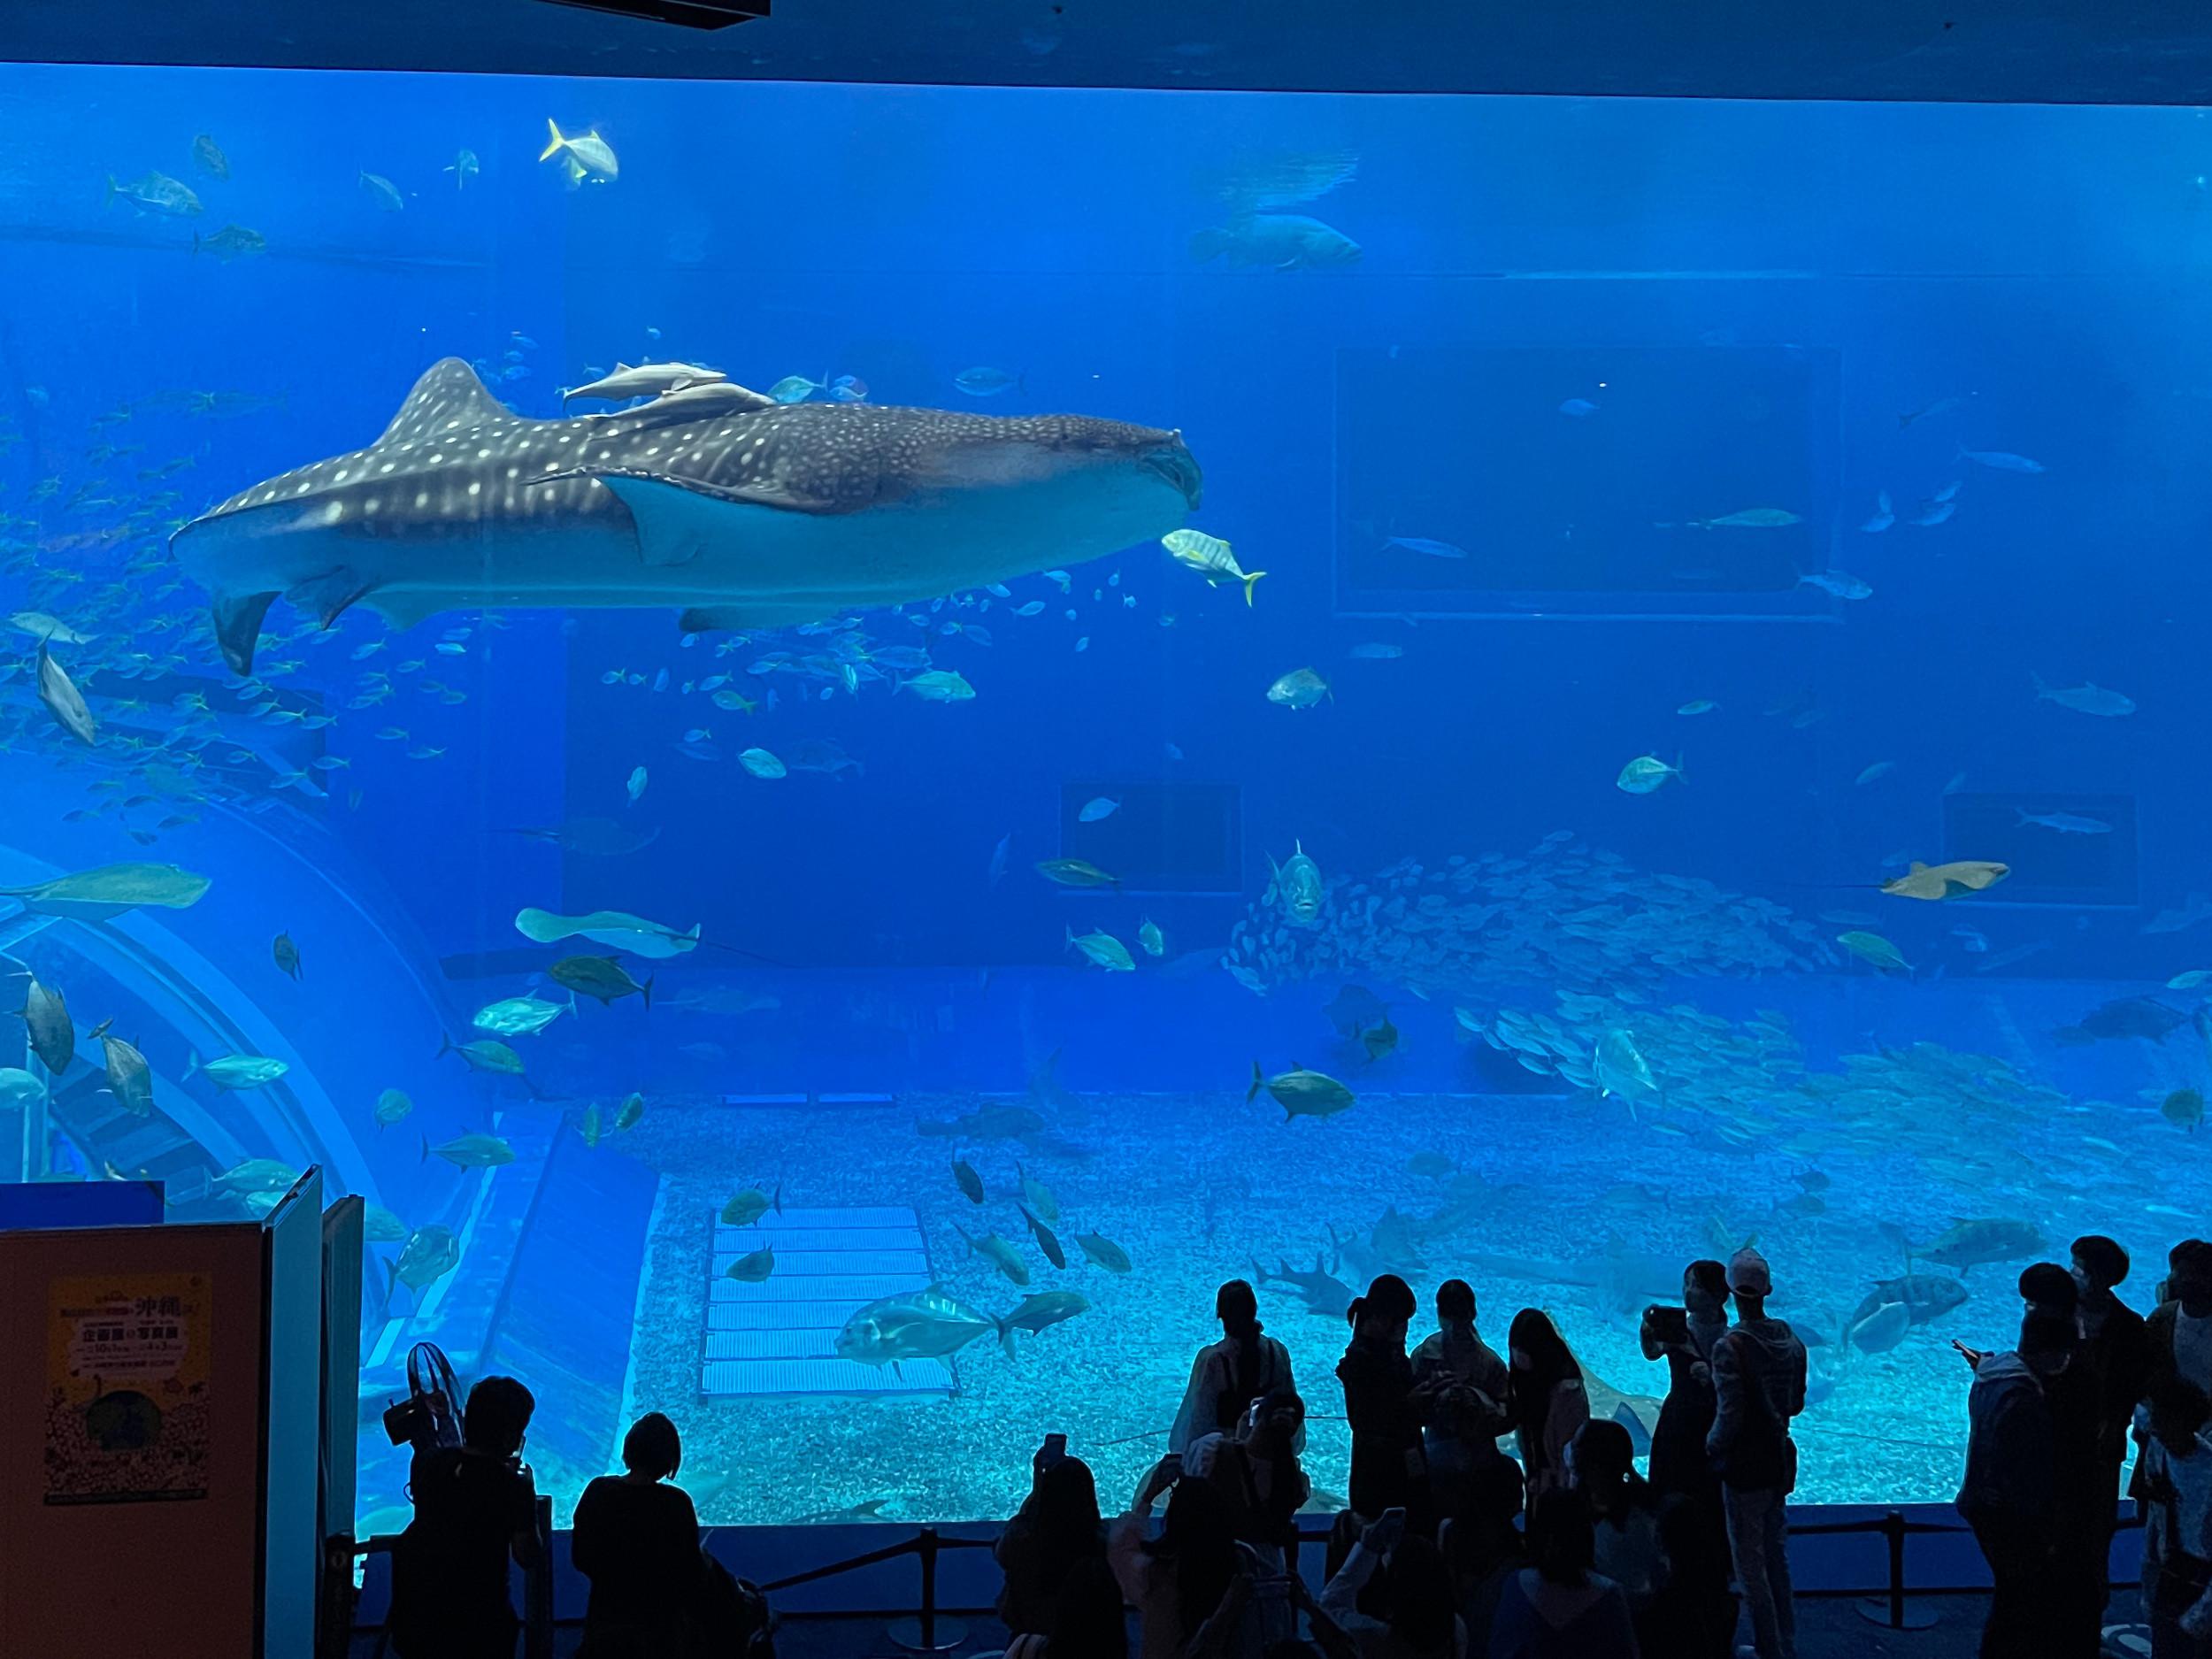 【2019】美ら海水族館の割引方法9選!コンビニで買えるチケット&レンタカーとのセットプランまとめ!